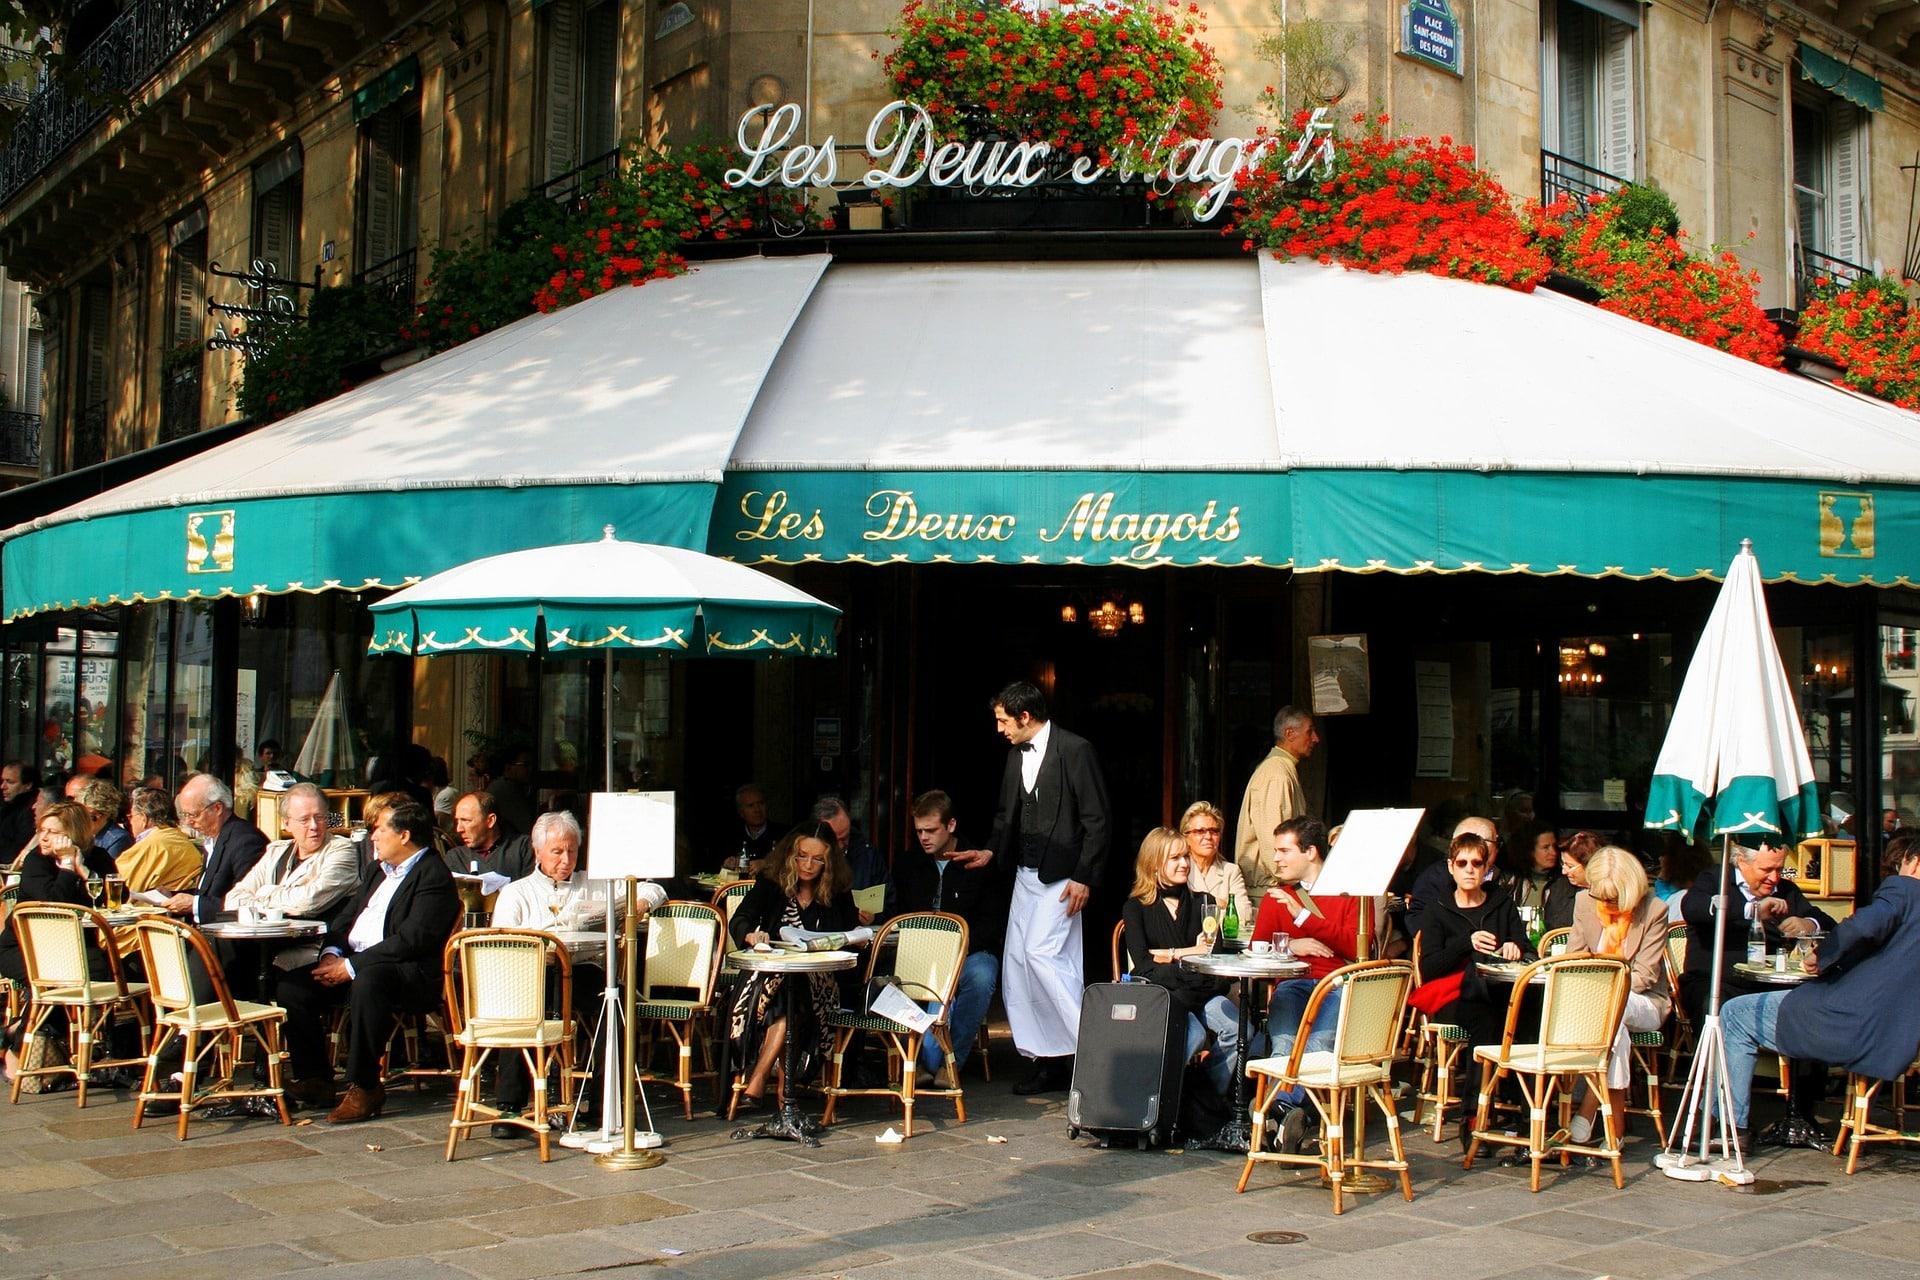 Combien de terrasses de café extérieures dénombre-t-on à Paris ?